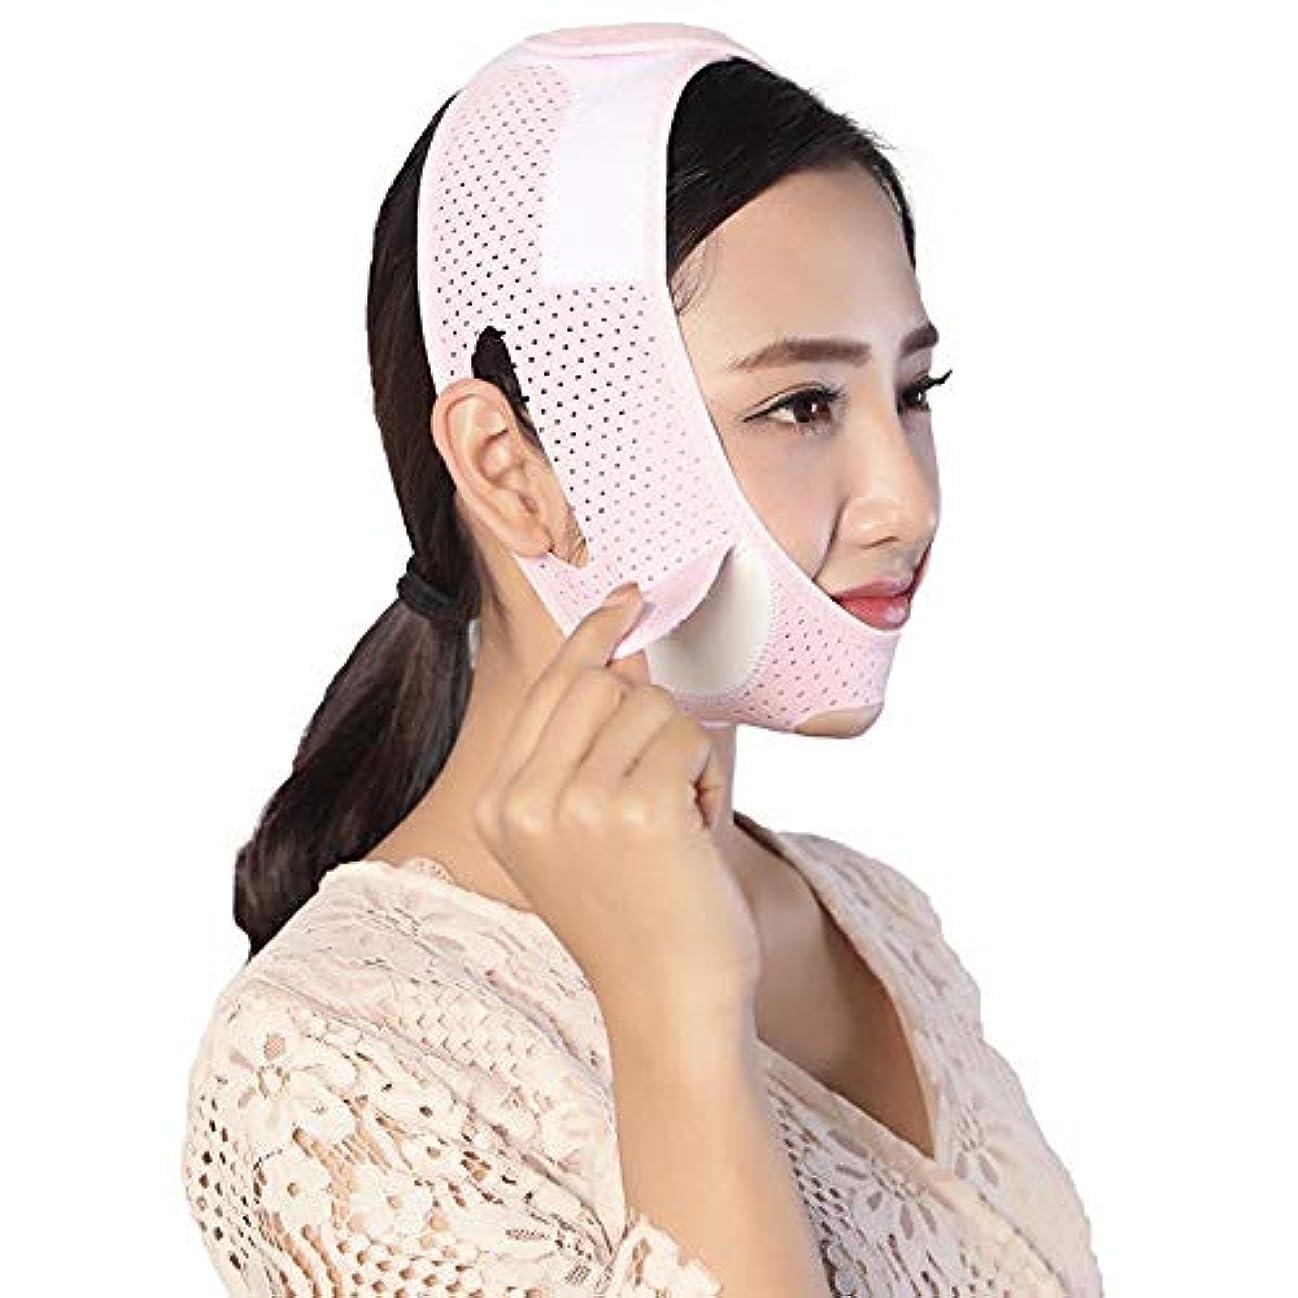 甘味プランターシミュレートするMinmin フェイシャルリフティング痩身ベルト - 圧縮二重あご減量ベルトスキンケア薄い顔包帯 みんみんVラインフェイスマスク